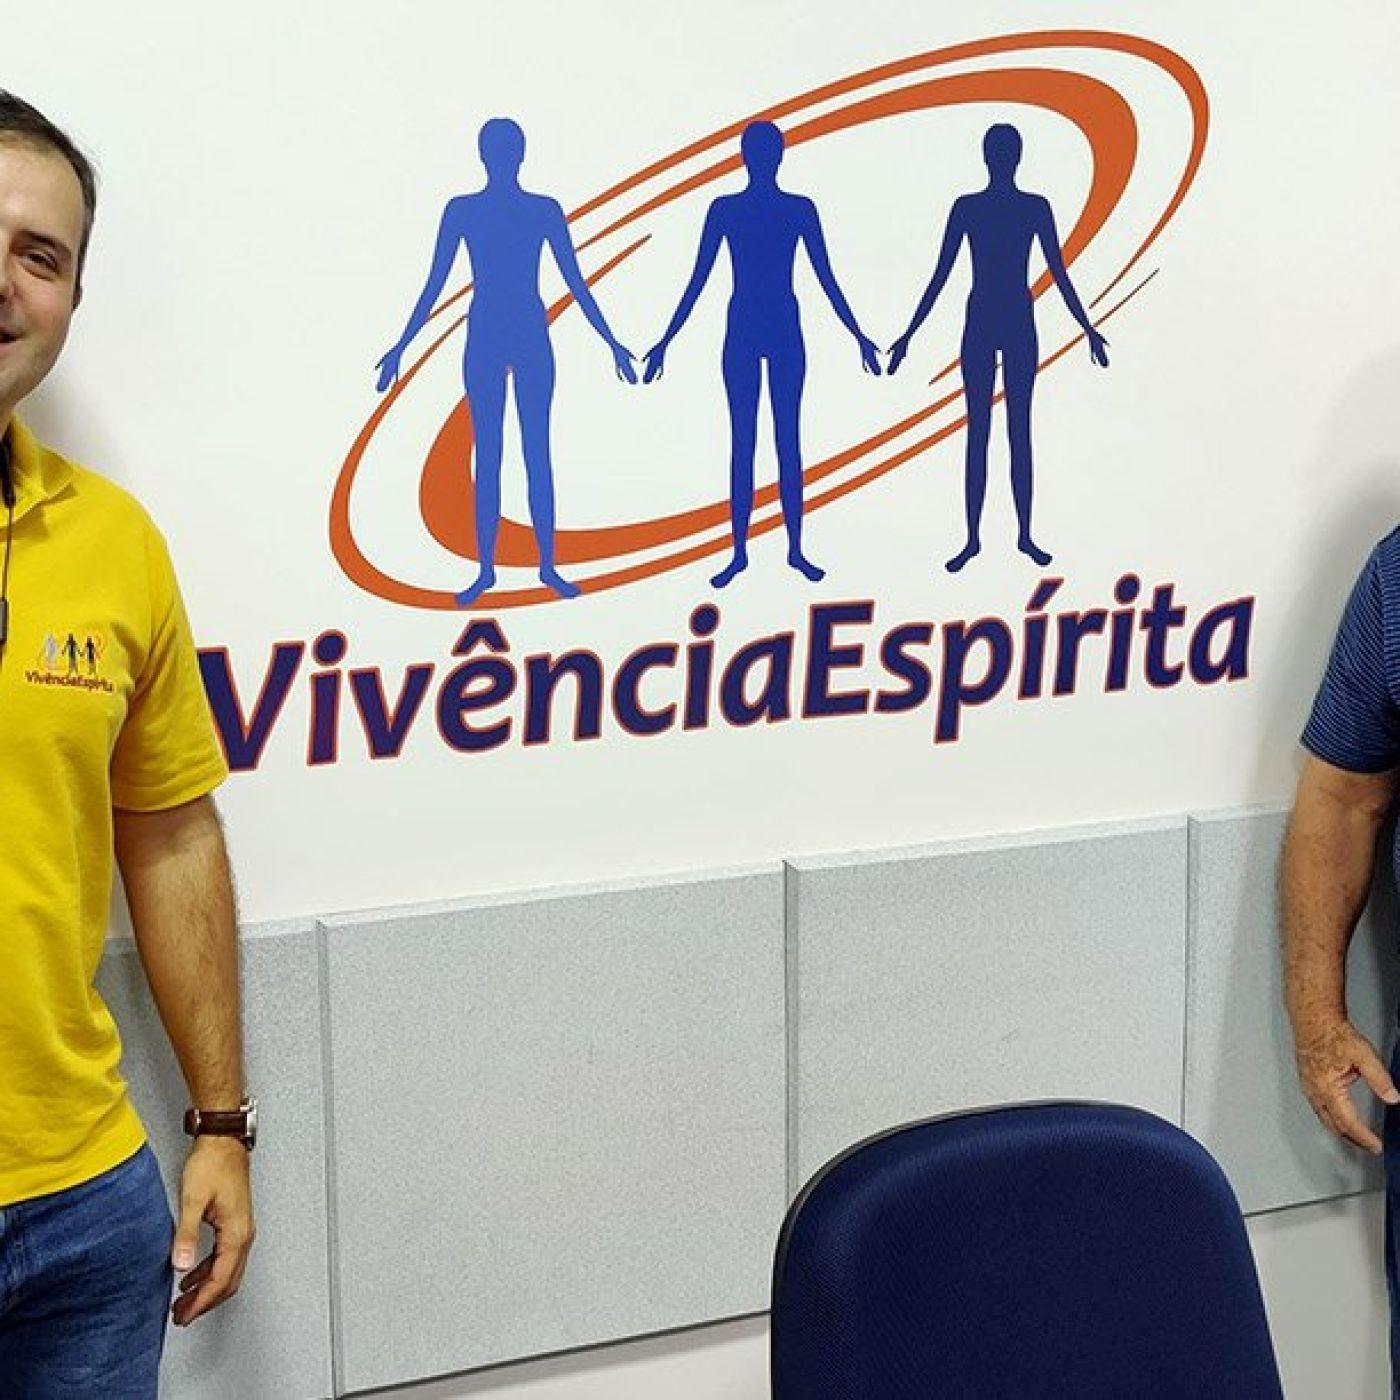 744 - Especial XII Encontro Nacional dos Amigos de Chico Xavier com Equipe Vivência Espírita